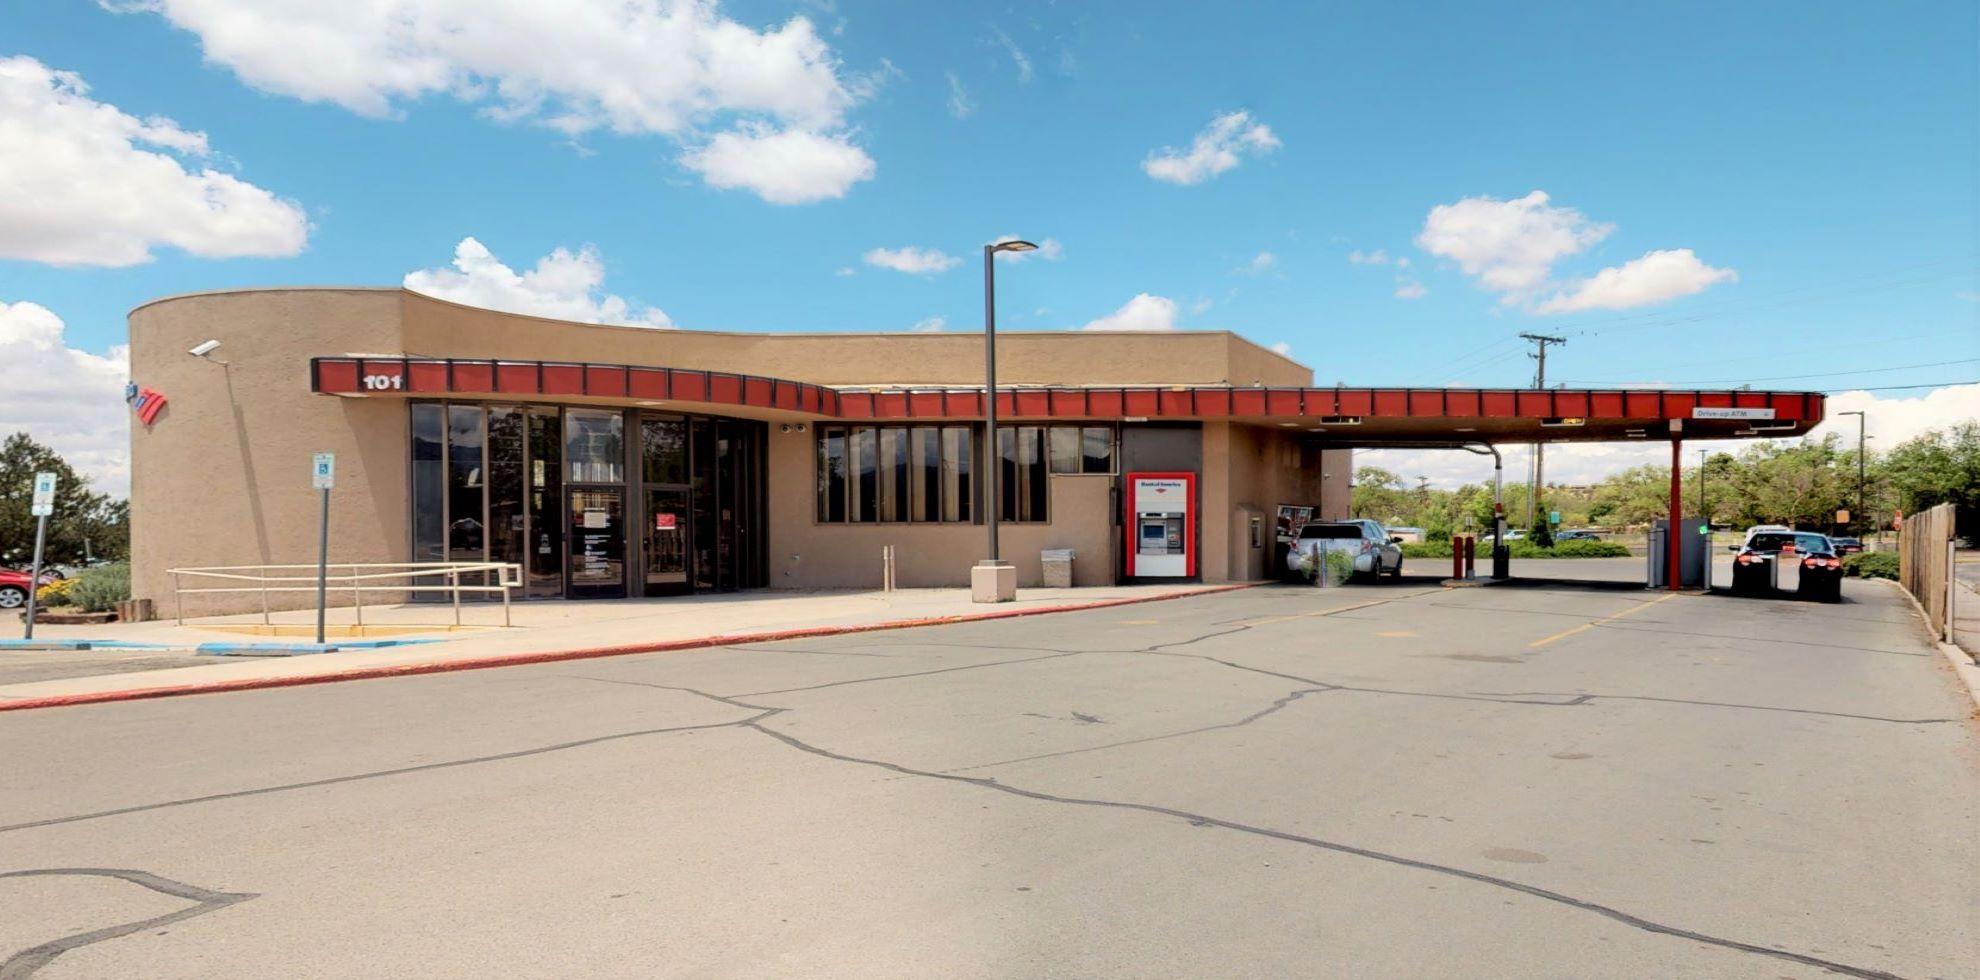 Bank of America financial center with drive-thru ATM | 101 Paseo De Peralta, Santa Fe, NM 87501